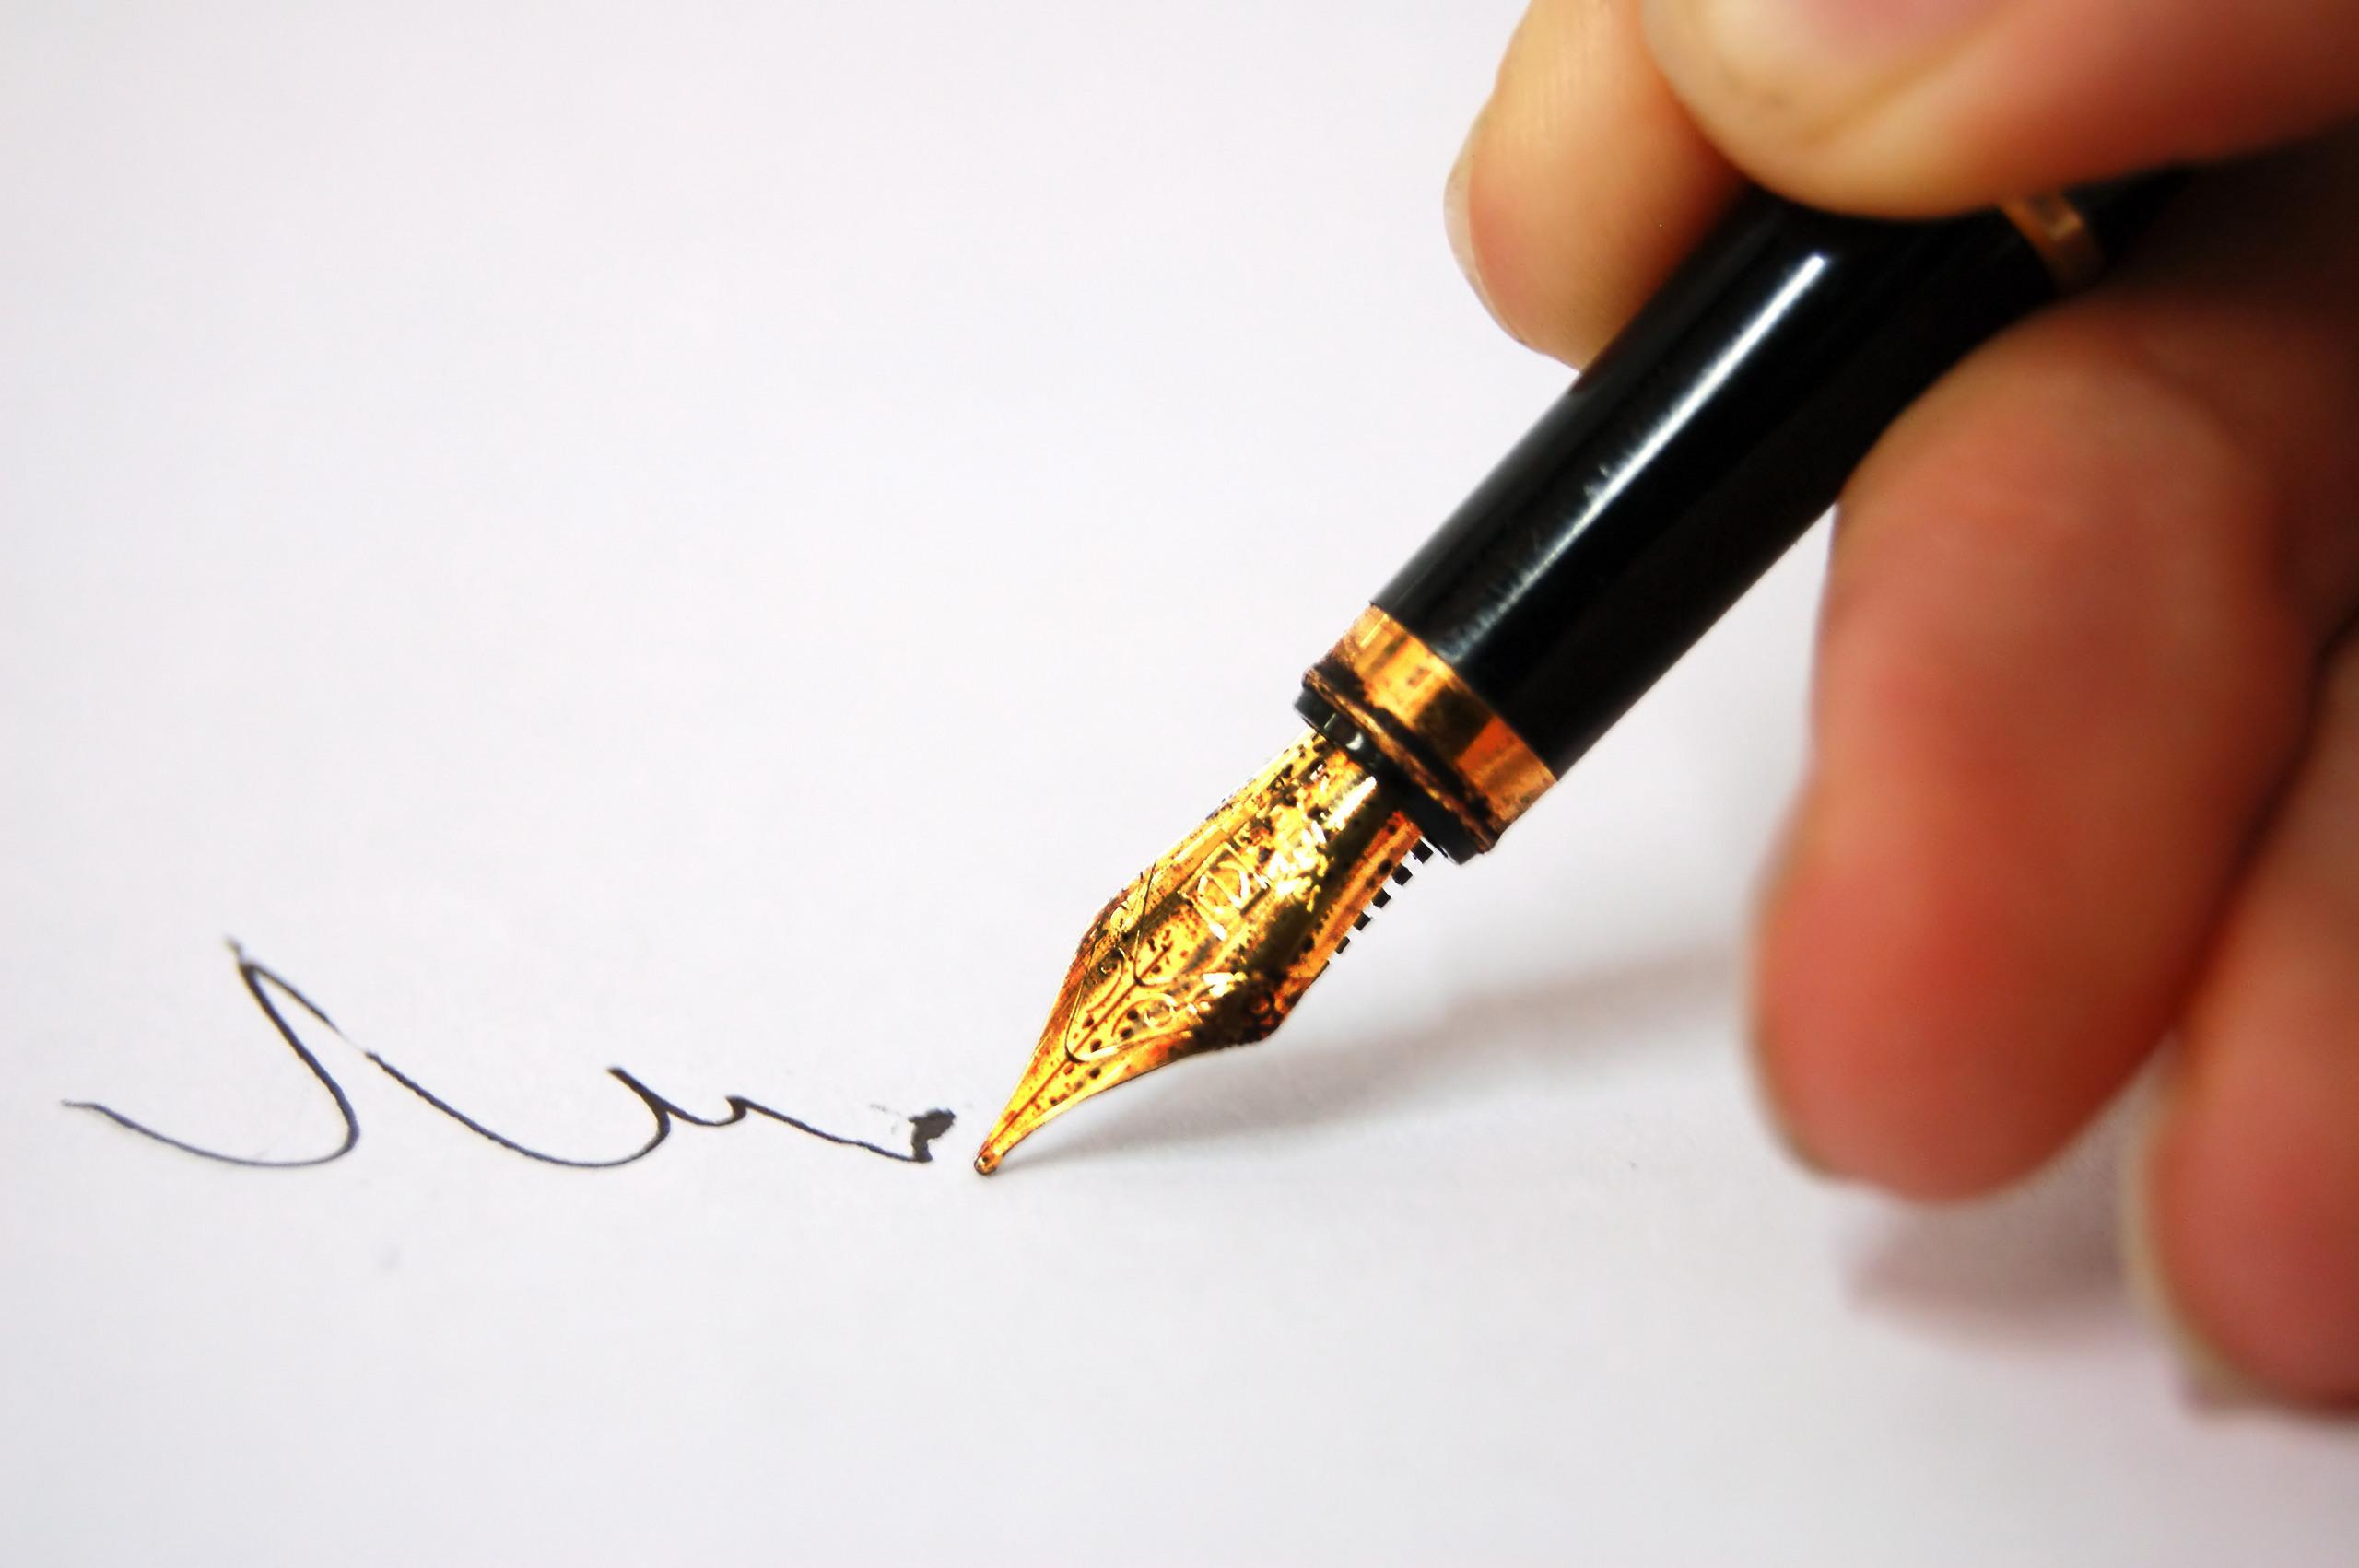 Lapát után tollat ragadtak Szigetmonostor lakosai